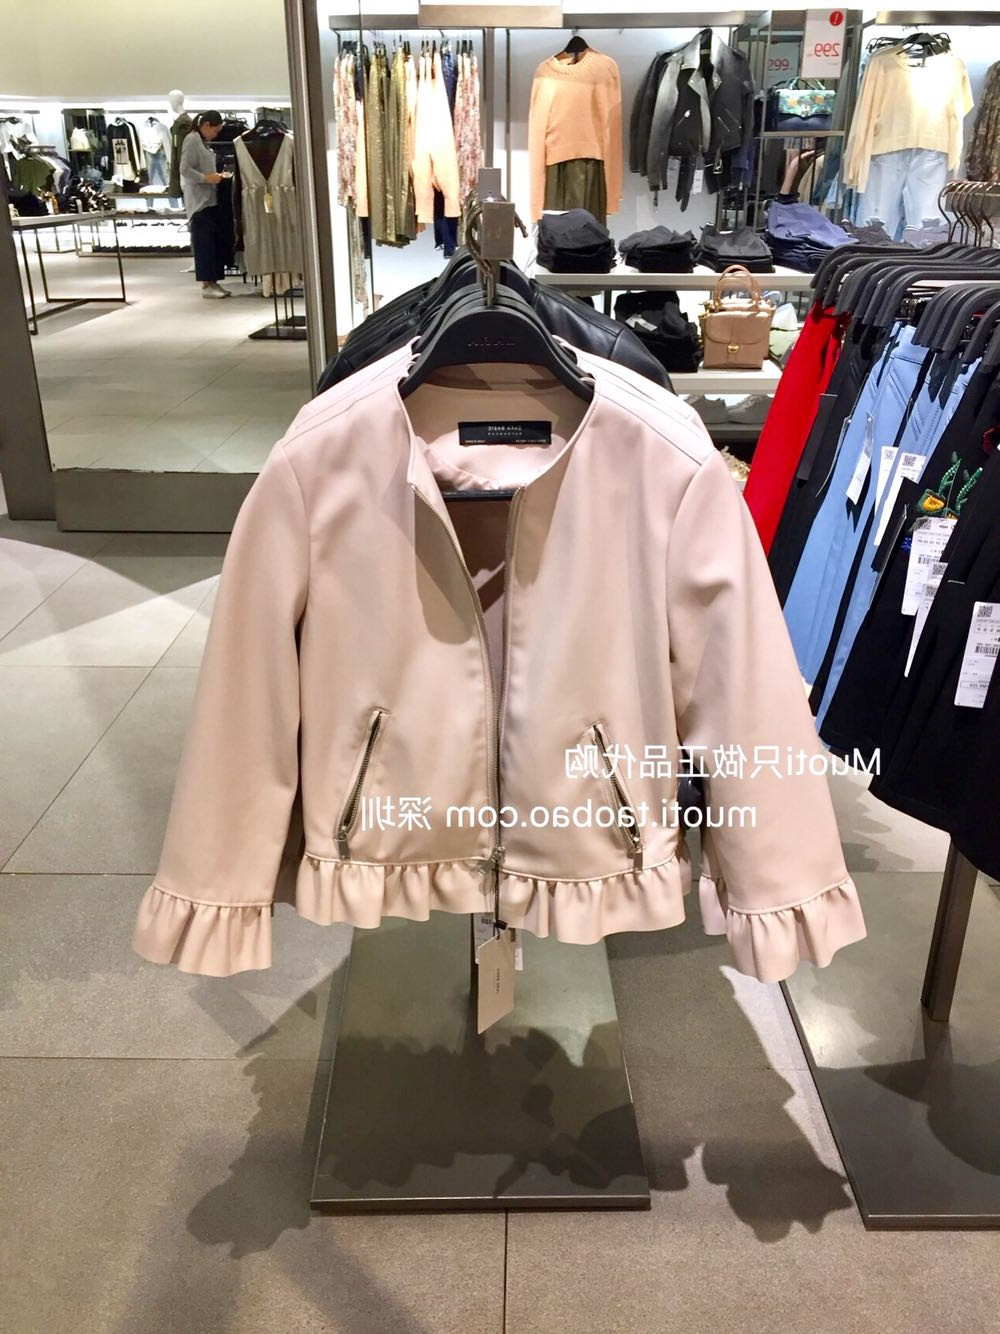 西班牙女装3046/044短款中袖荷叶边仿皮夹克外套皮衣3046044